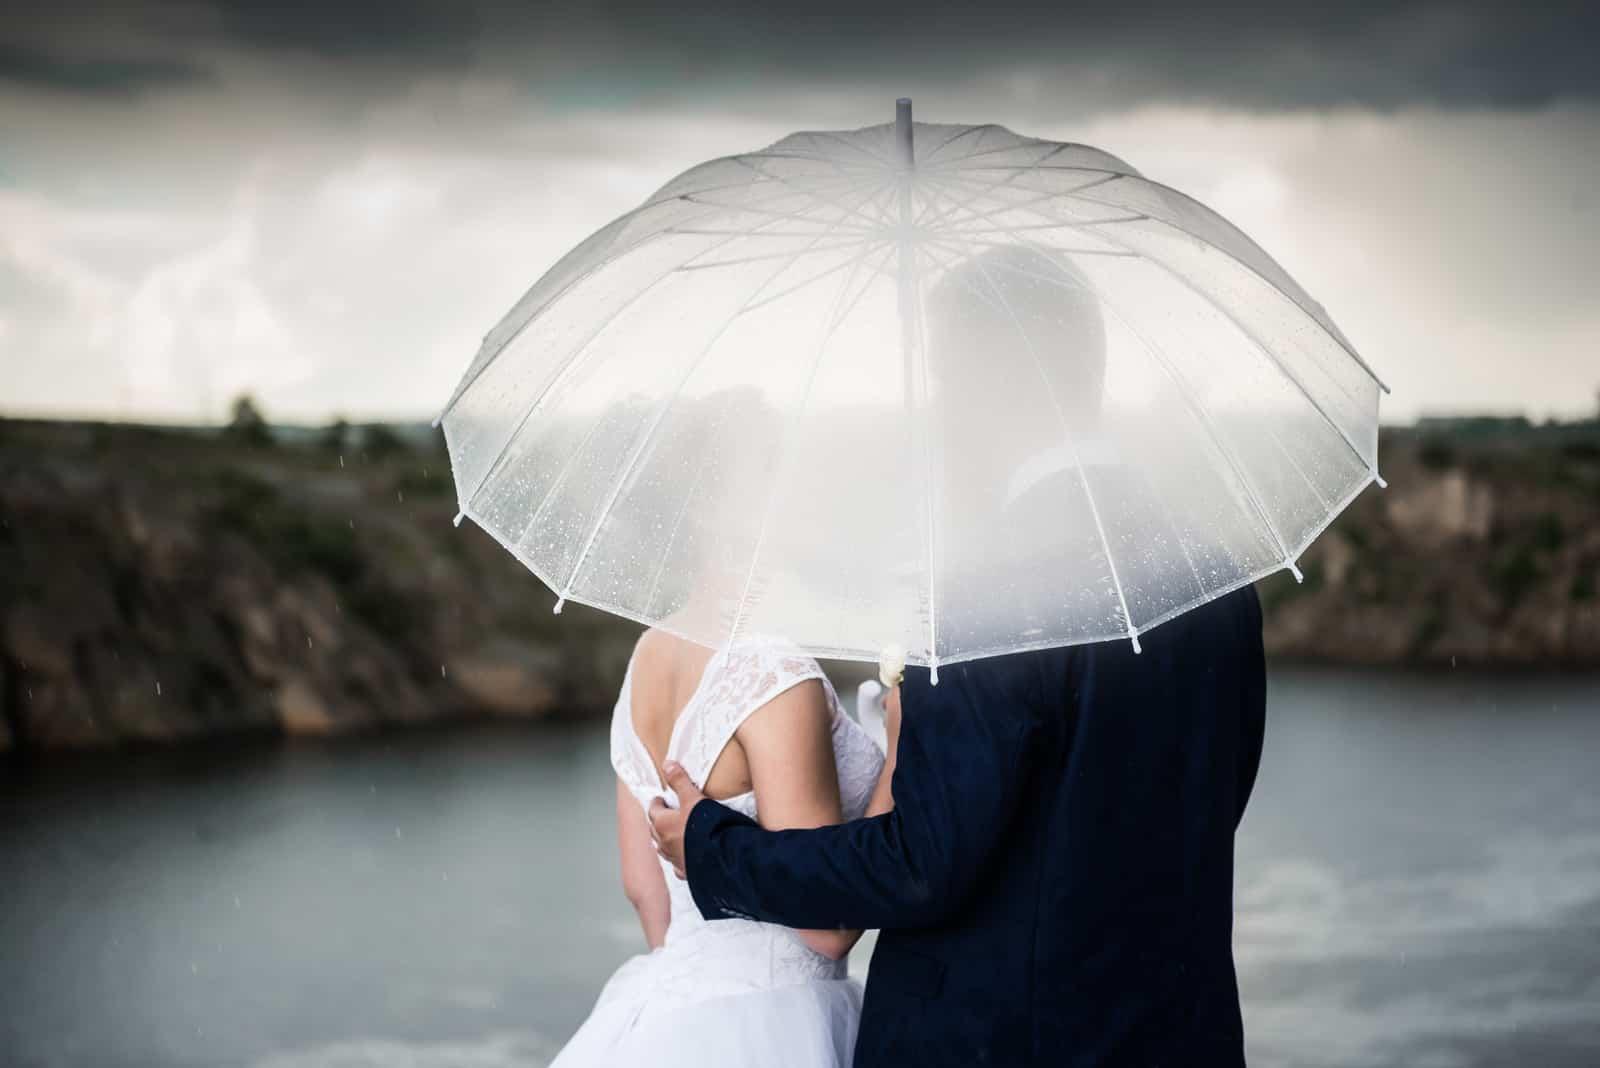 Paar unter einem Regenschirm bei regnerischem Sturmwetter